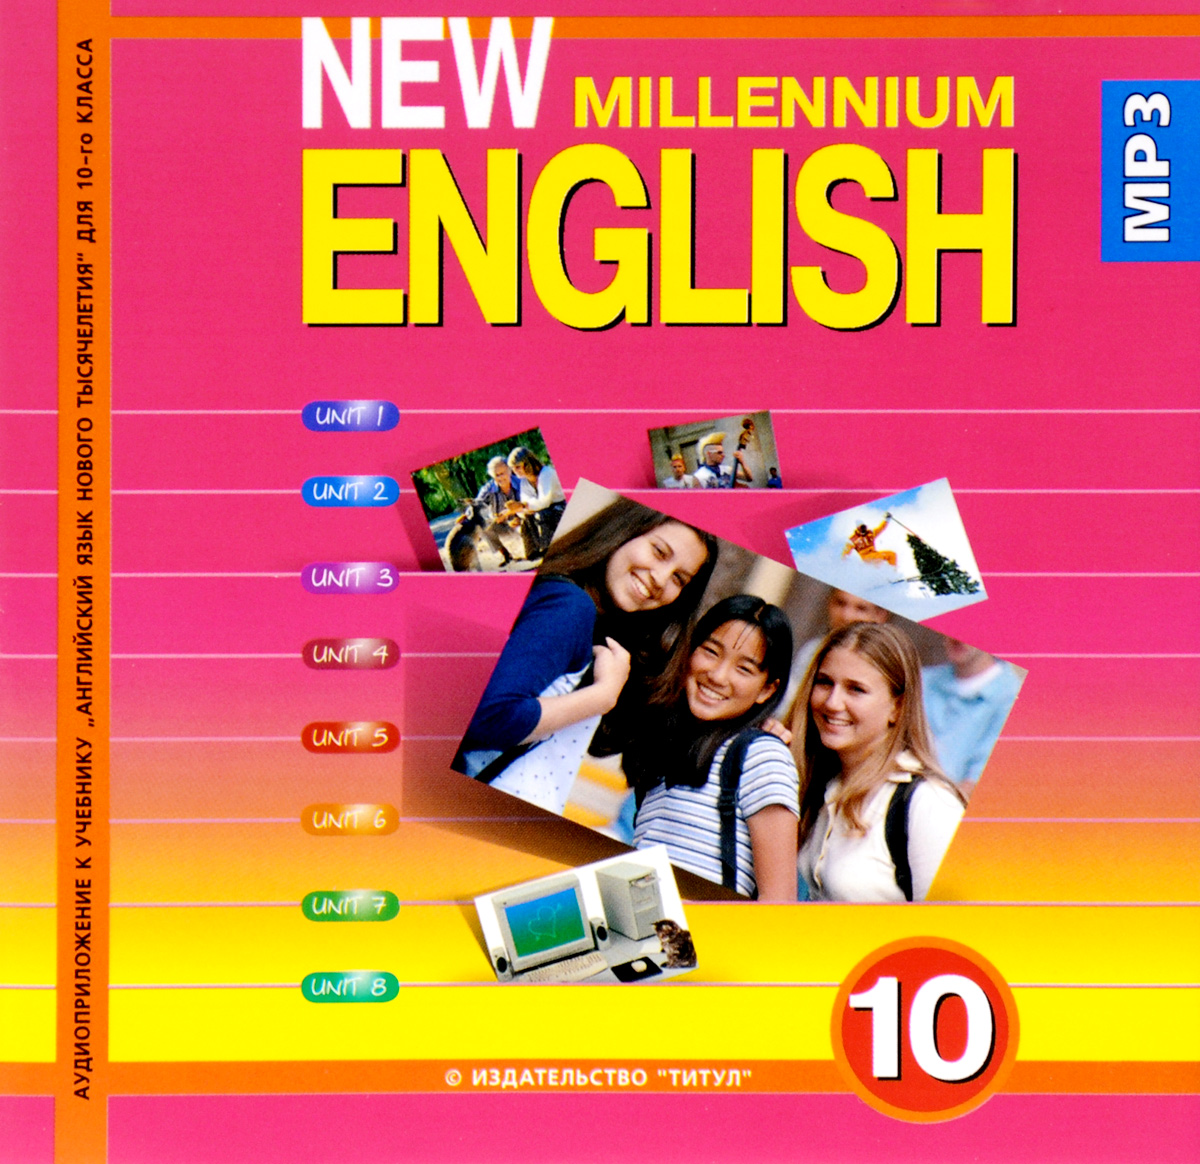 New Millennium English 10 / Английский язык нового тысячелетия. Английский язык. 10 класс. Электронное учебное пособие с в ляляев reader on sociology английский язык для социологов учебное пособие